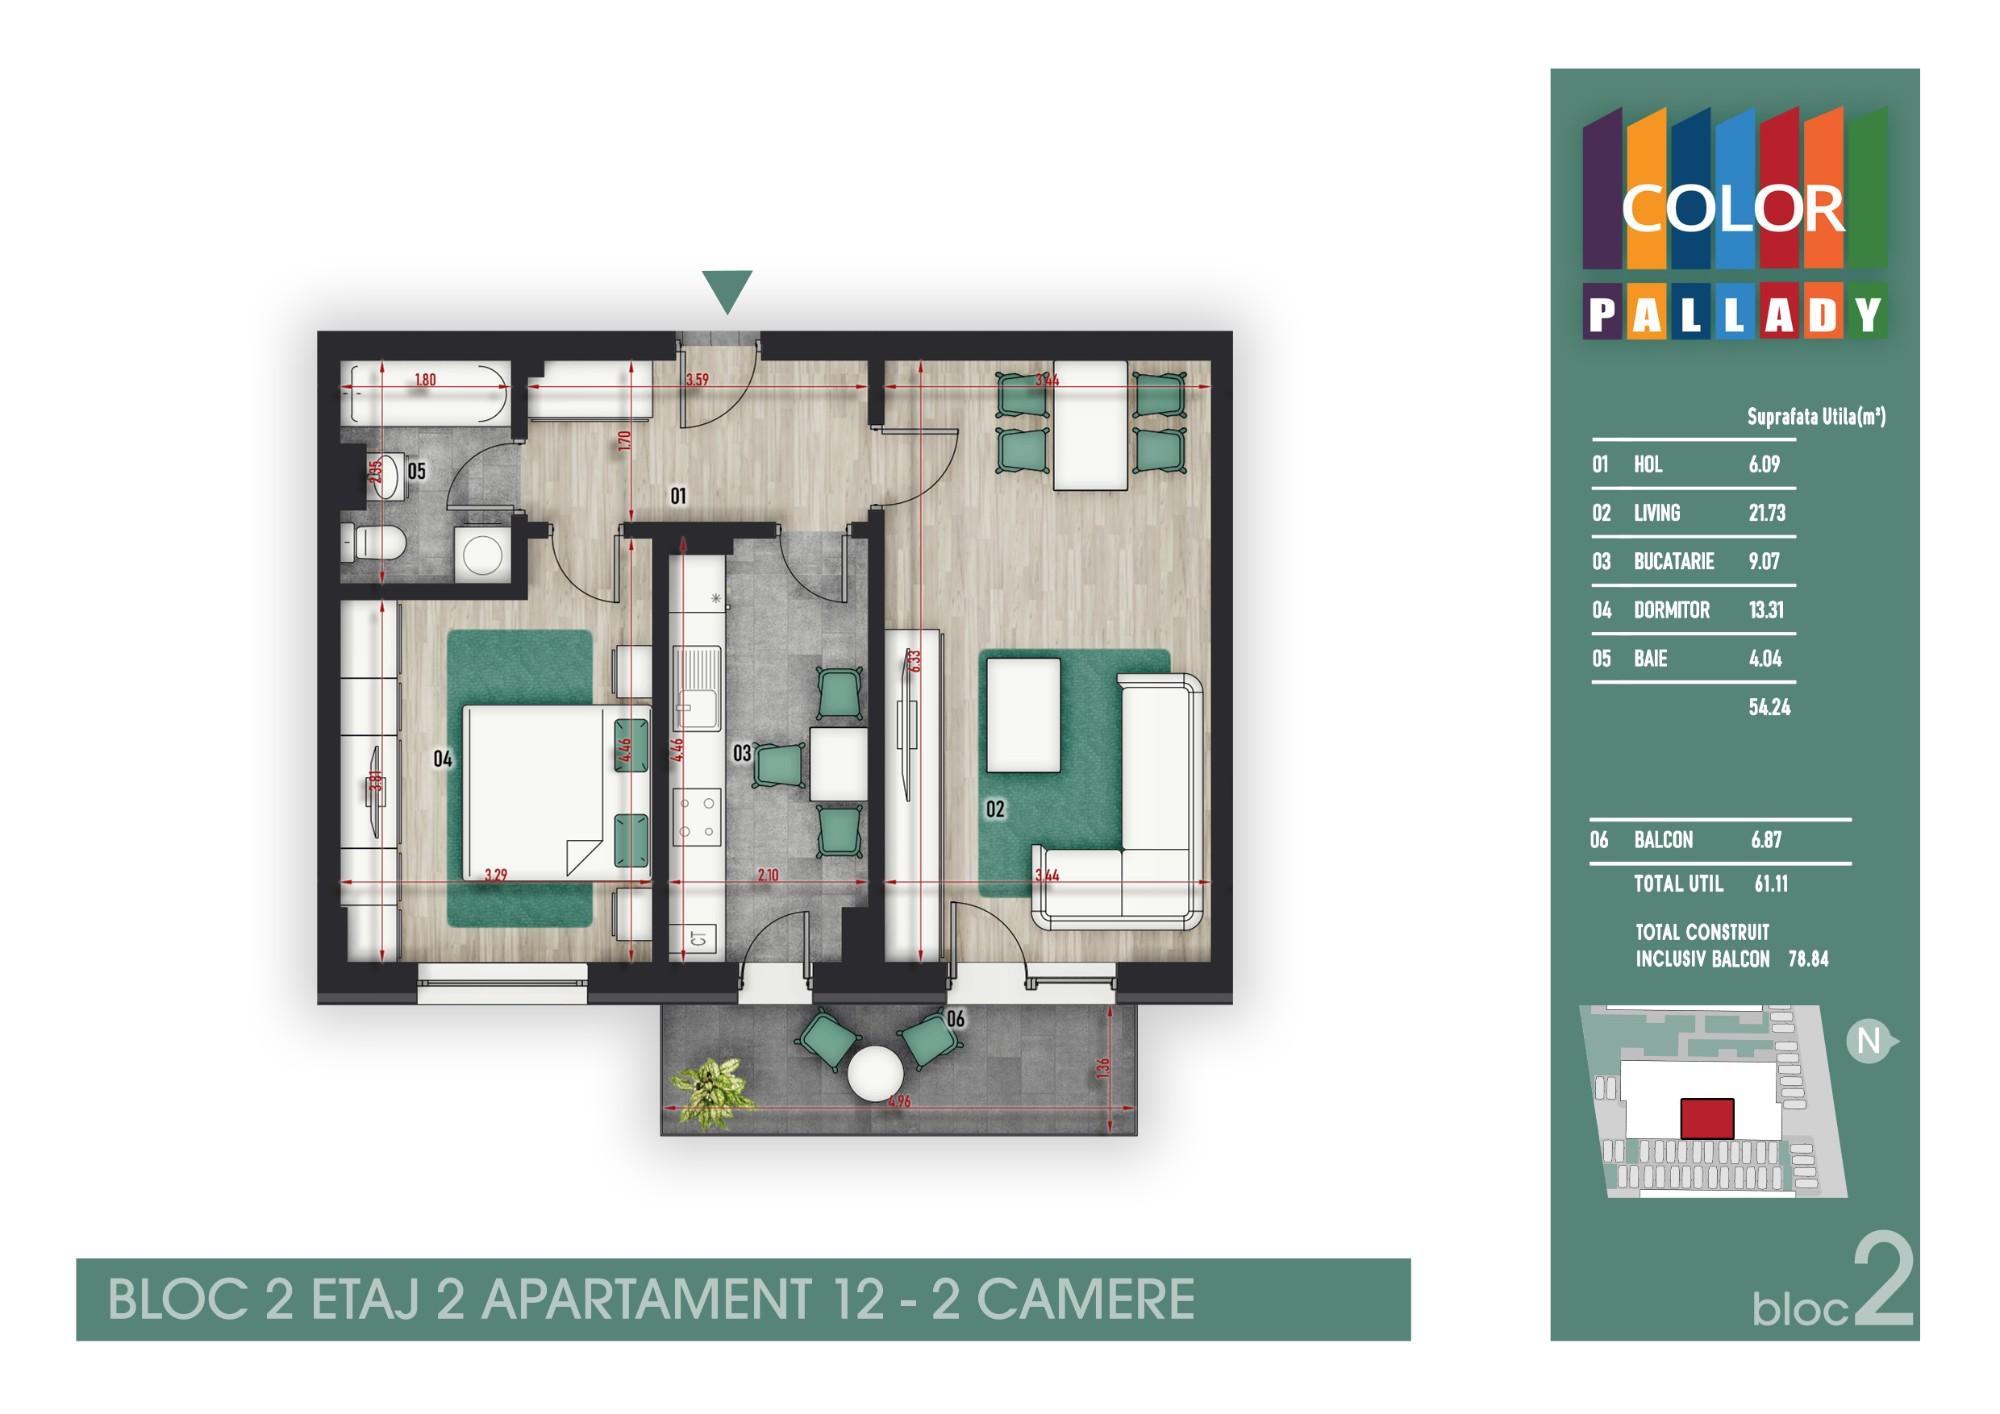 Bloc 2 - Etaj 2 - Apartament 12